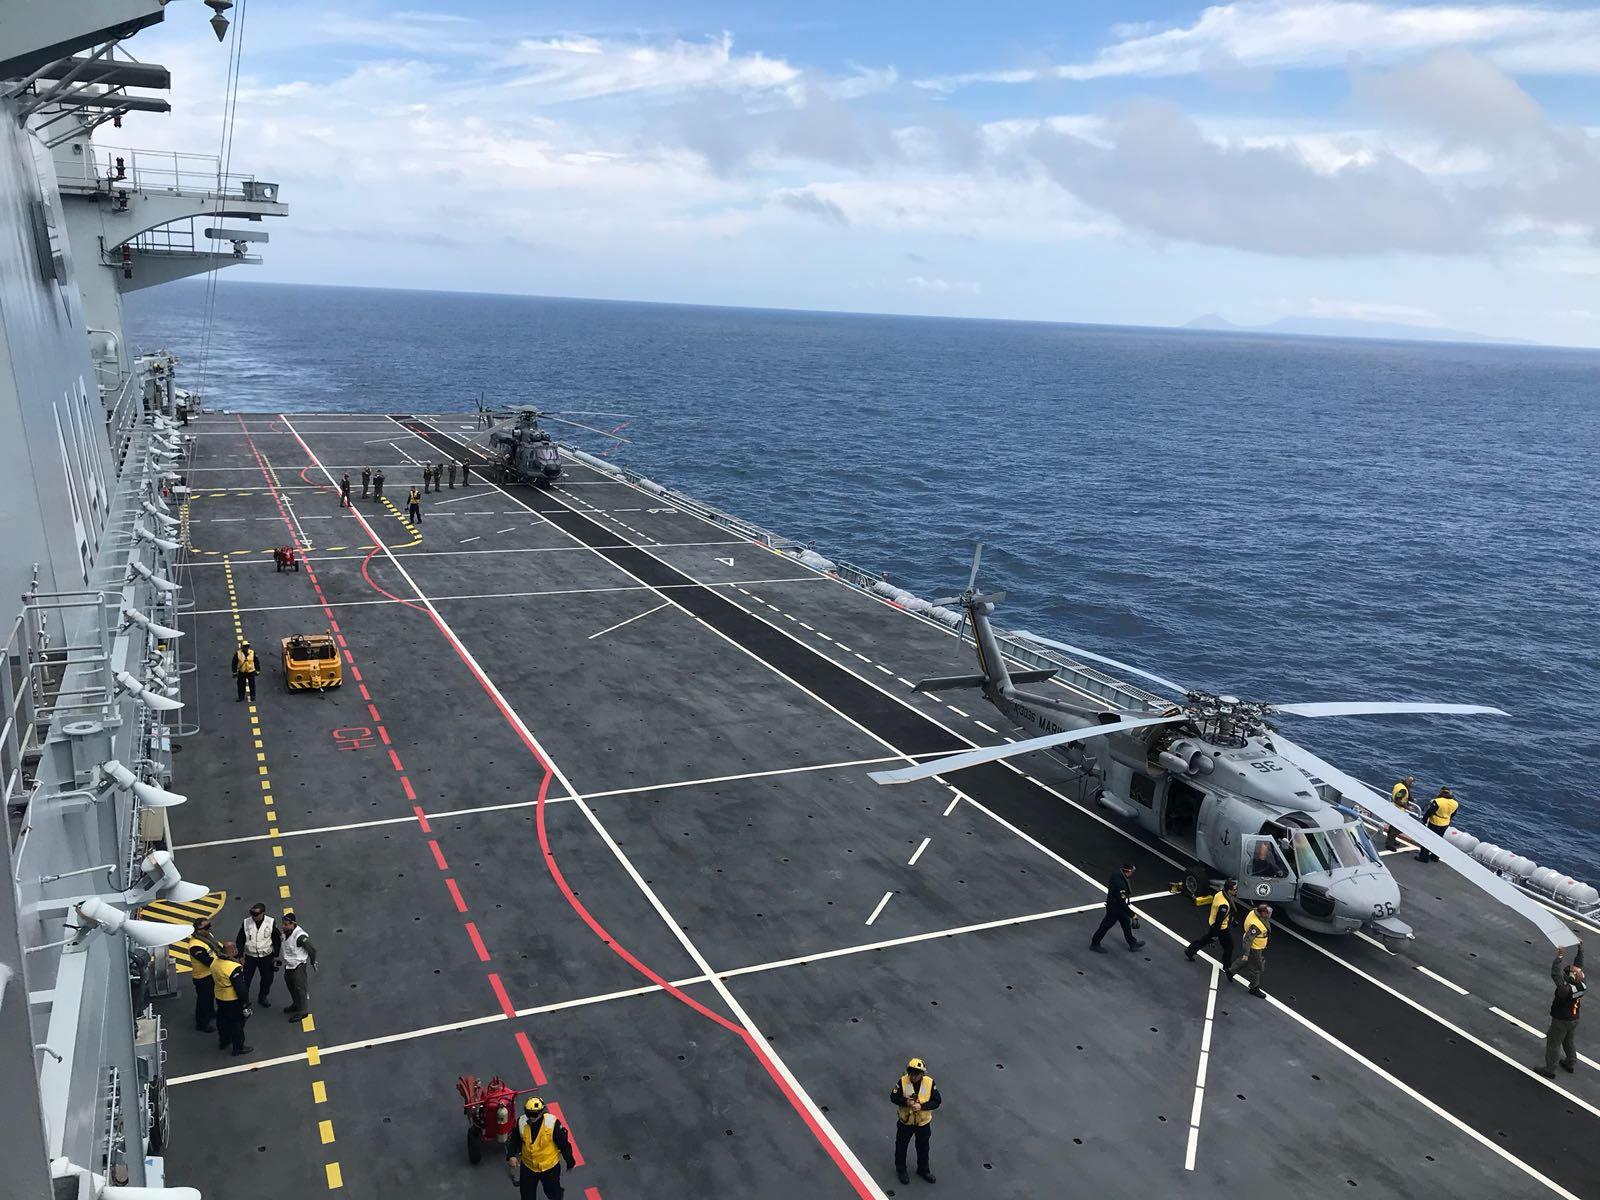 helicópteros no PHM Atlântico - Seahawk